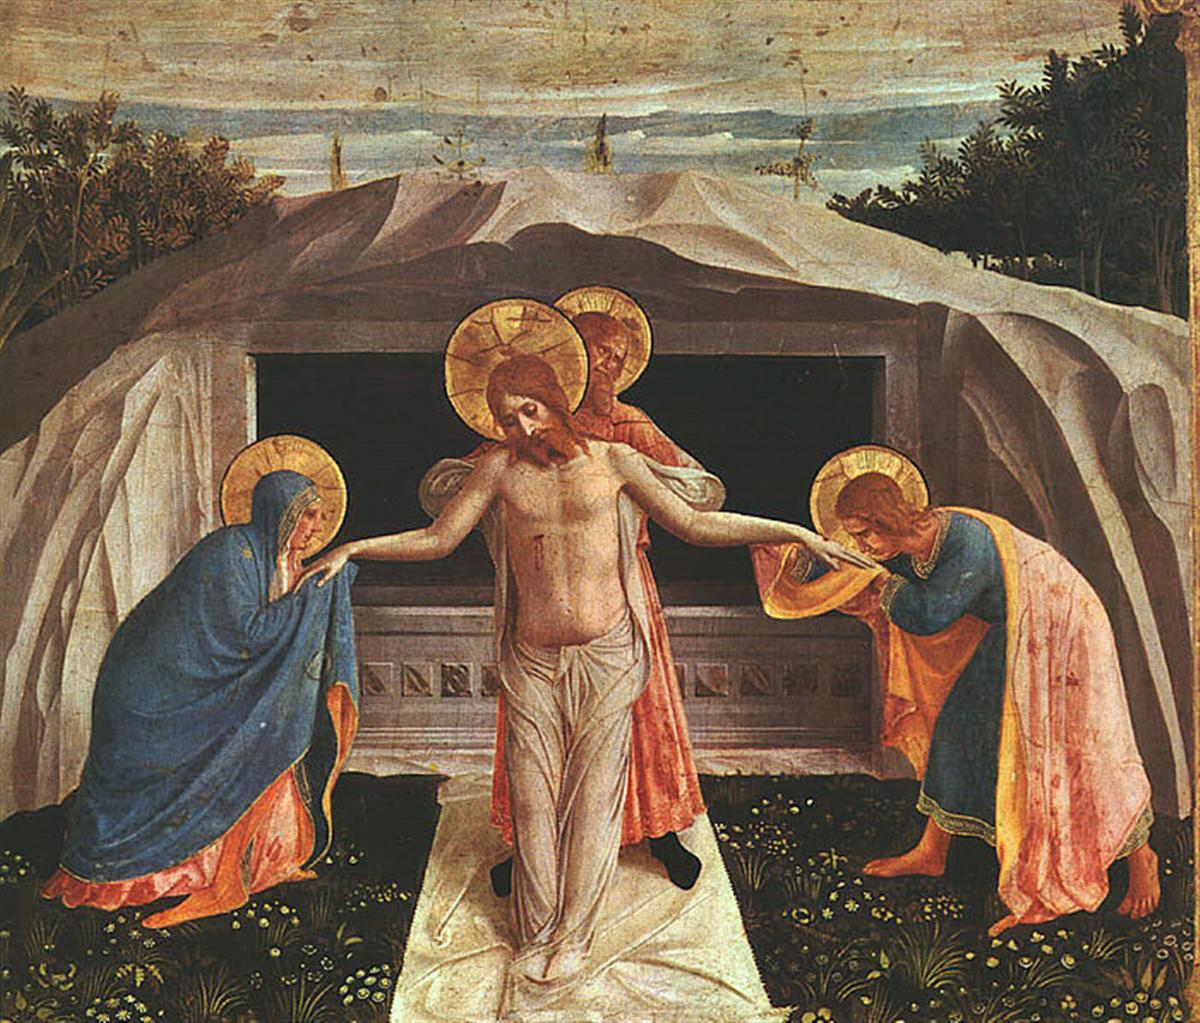 Risultati immagini per fra angelico paintings